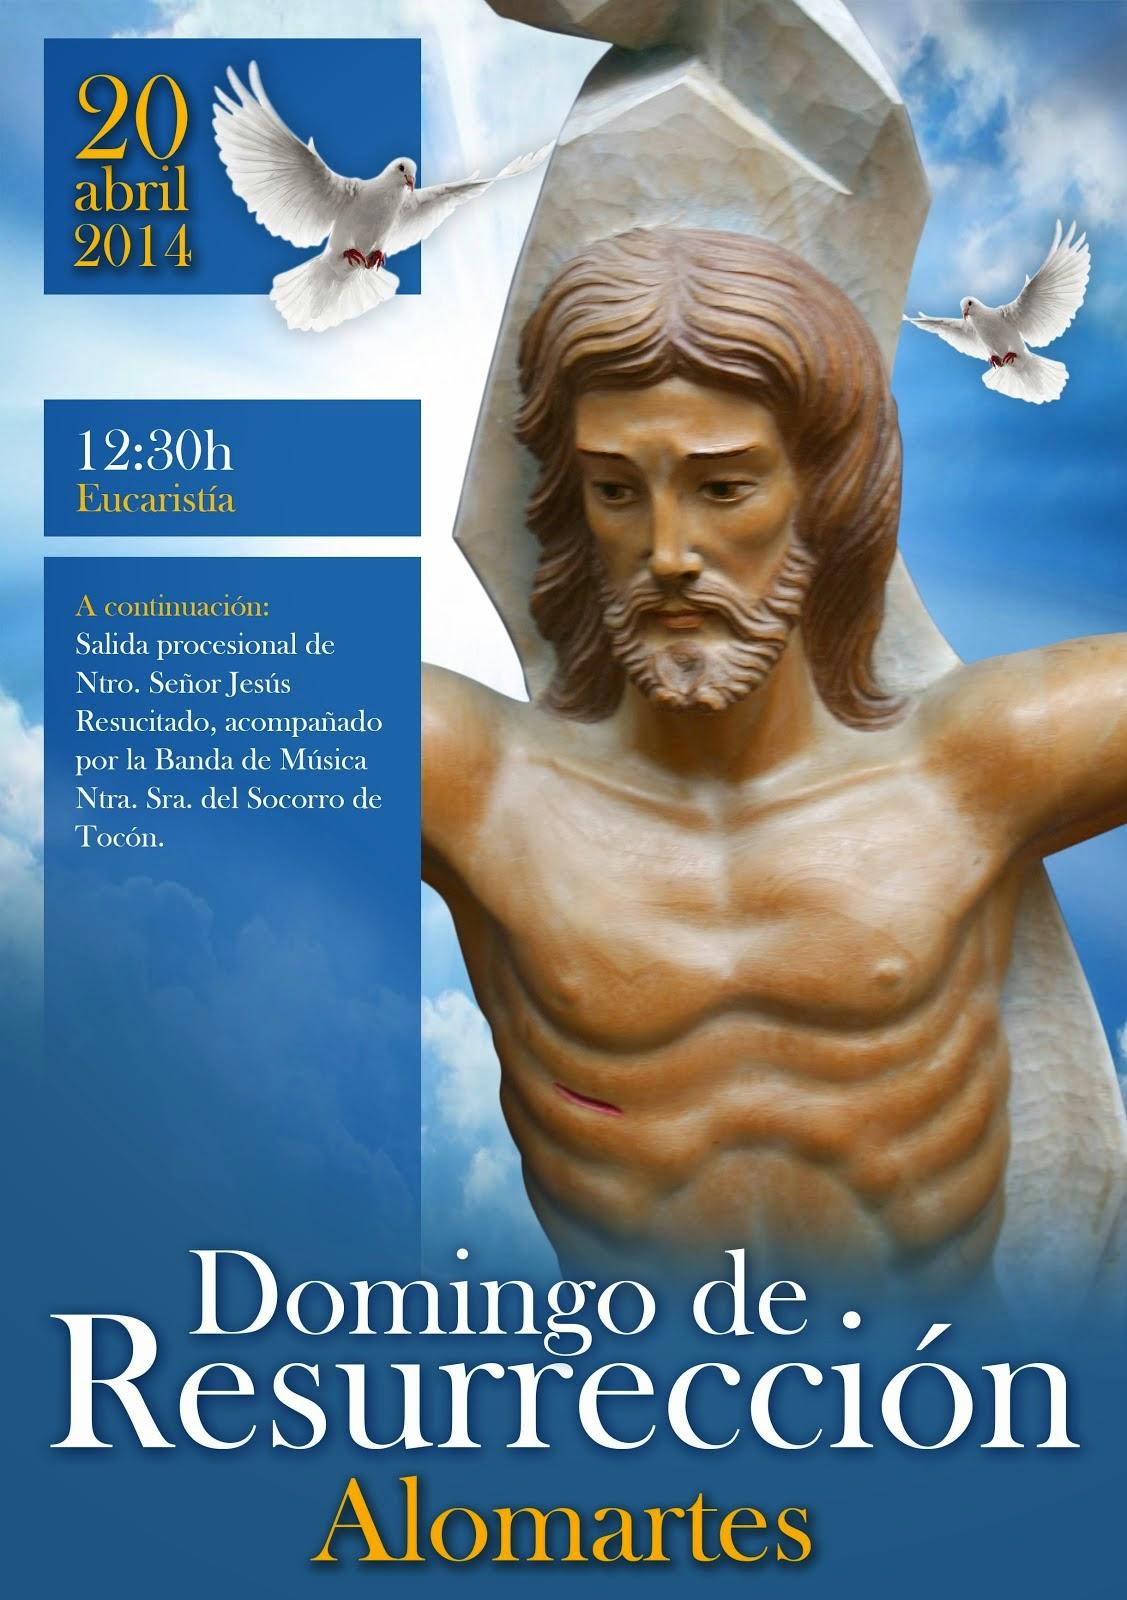 CRISTO RESUCITADO 2014